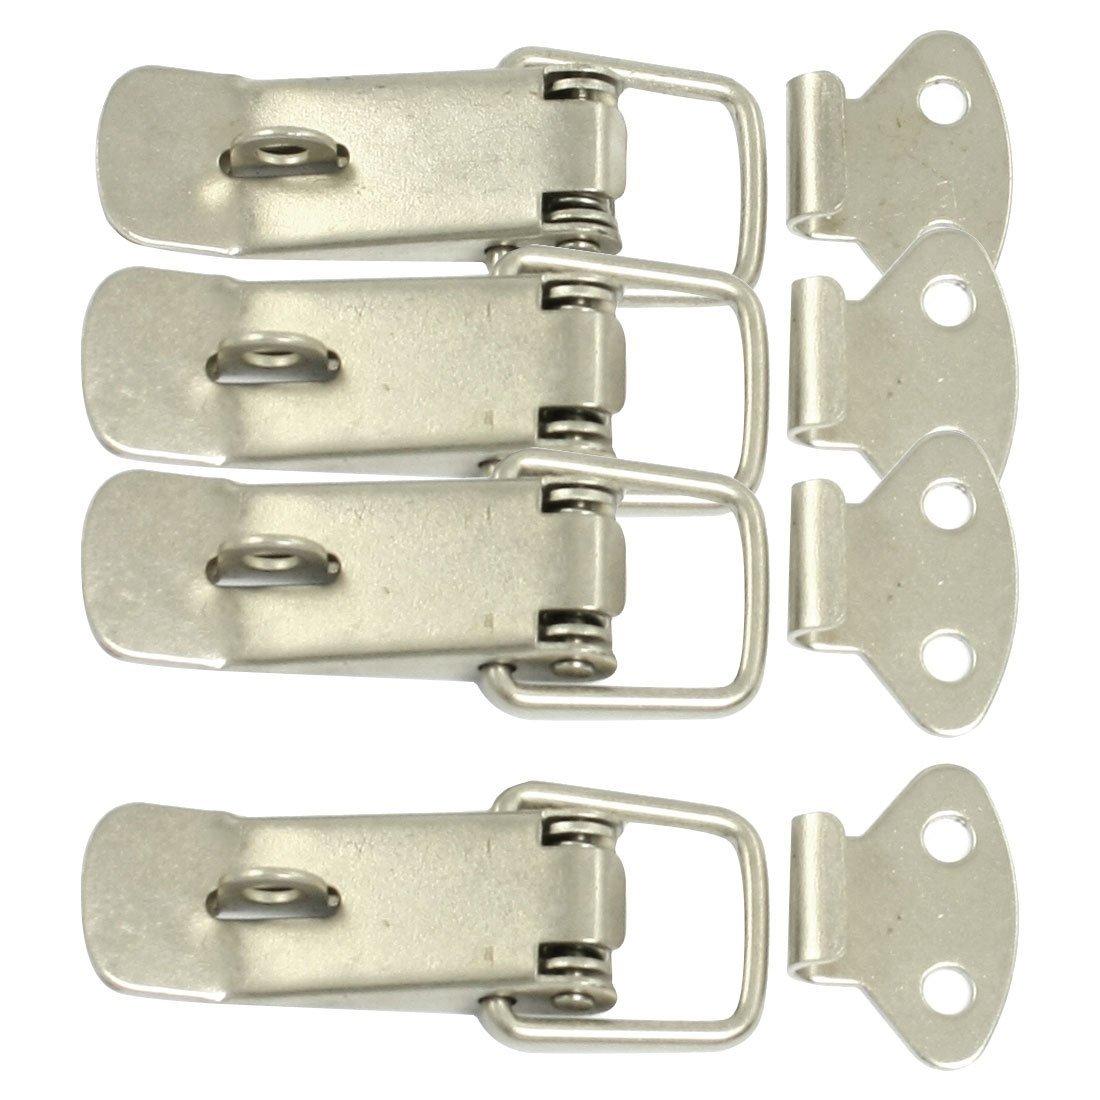 [해외]DSHA 새로운 Hot 새로운 4 개은 기계 설비 장 상자 봄 적재 된 걸쇠 기치는 받침 달기/DSHA New Hot New 4 Pcs Silver Hardware Cabinet Boxes Spring Loaded Latch Catch Toggle Hasp